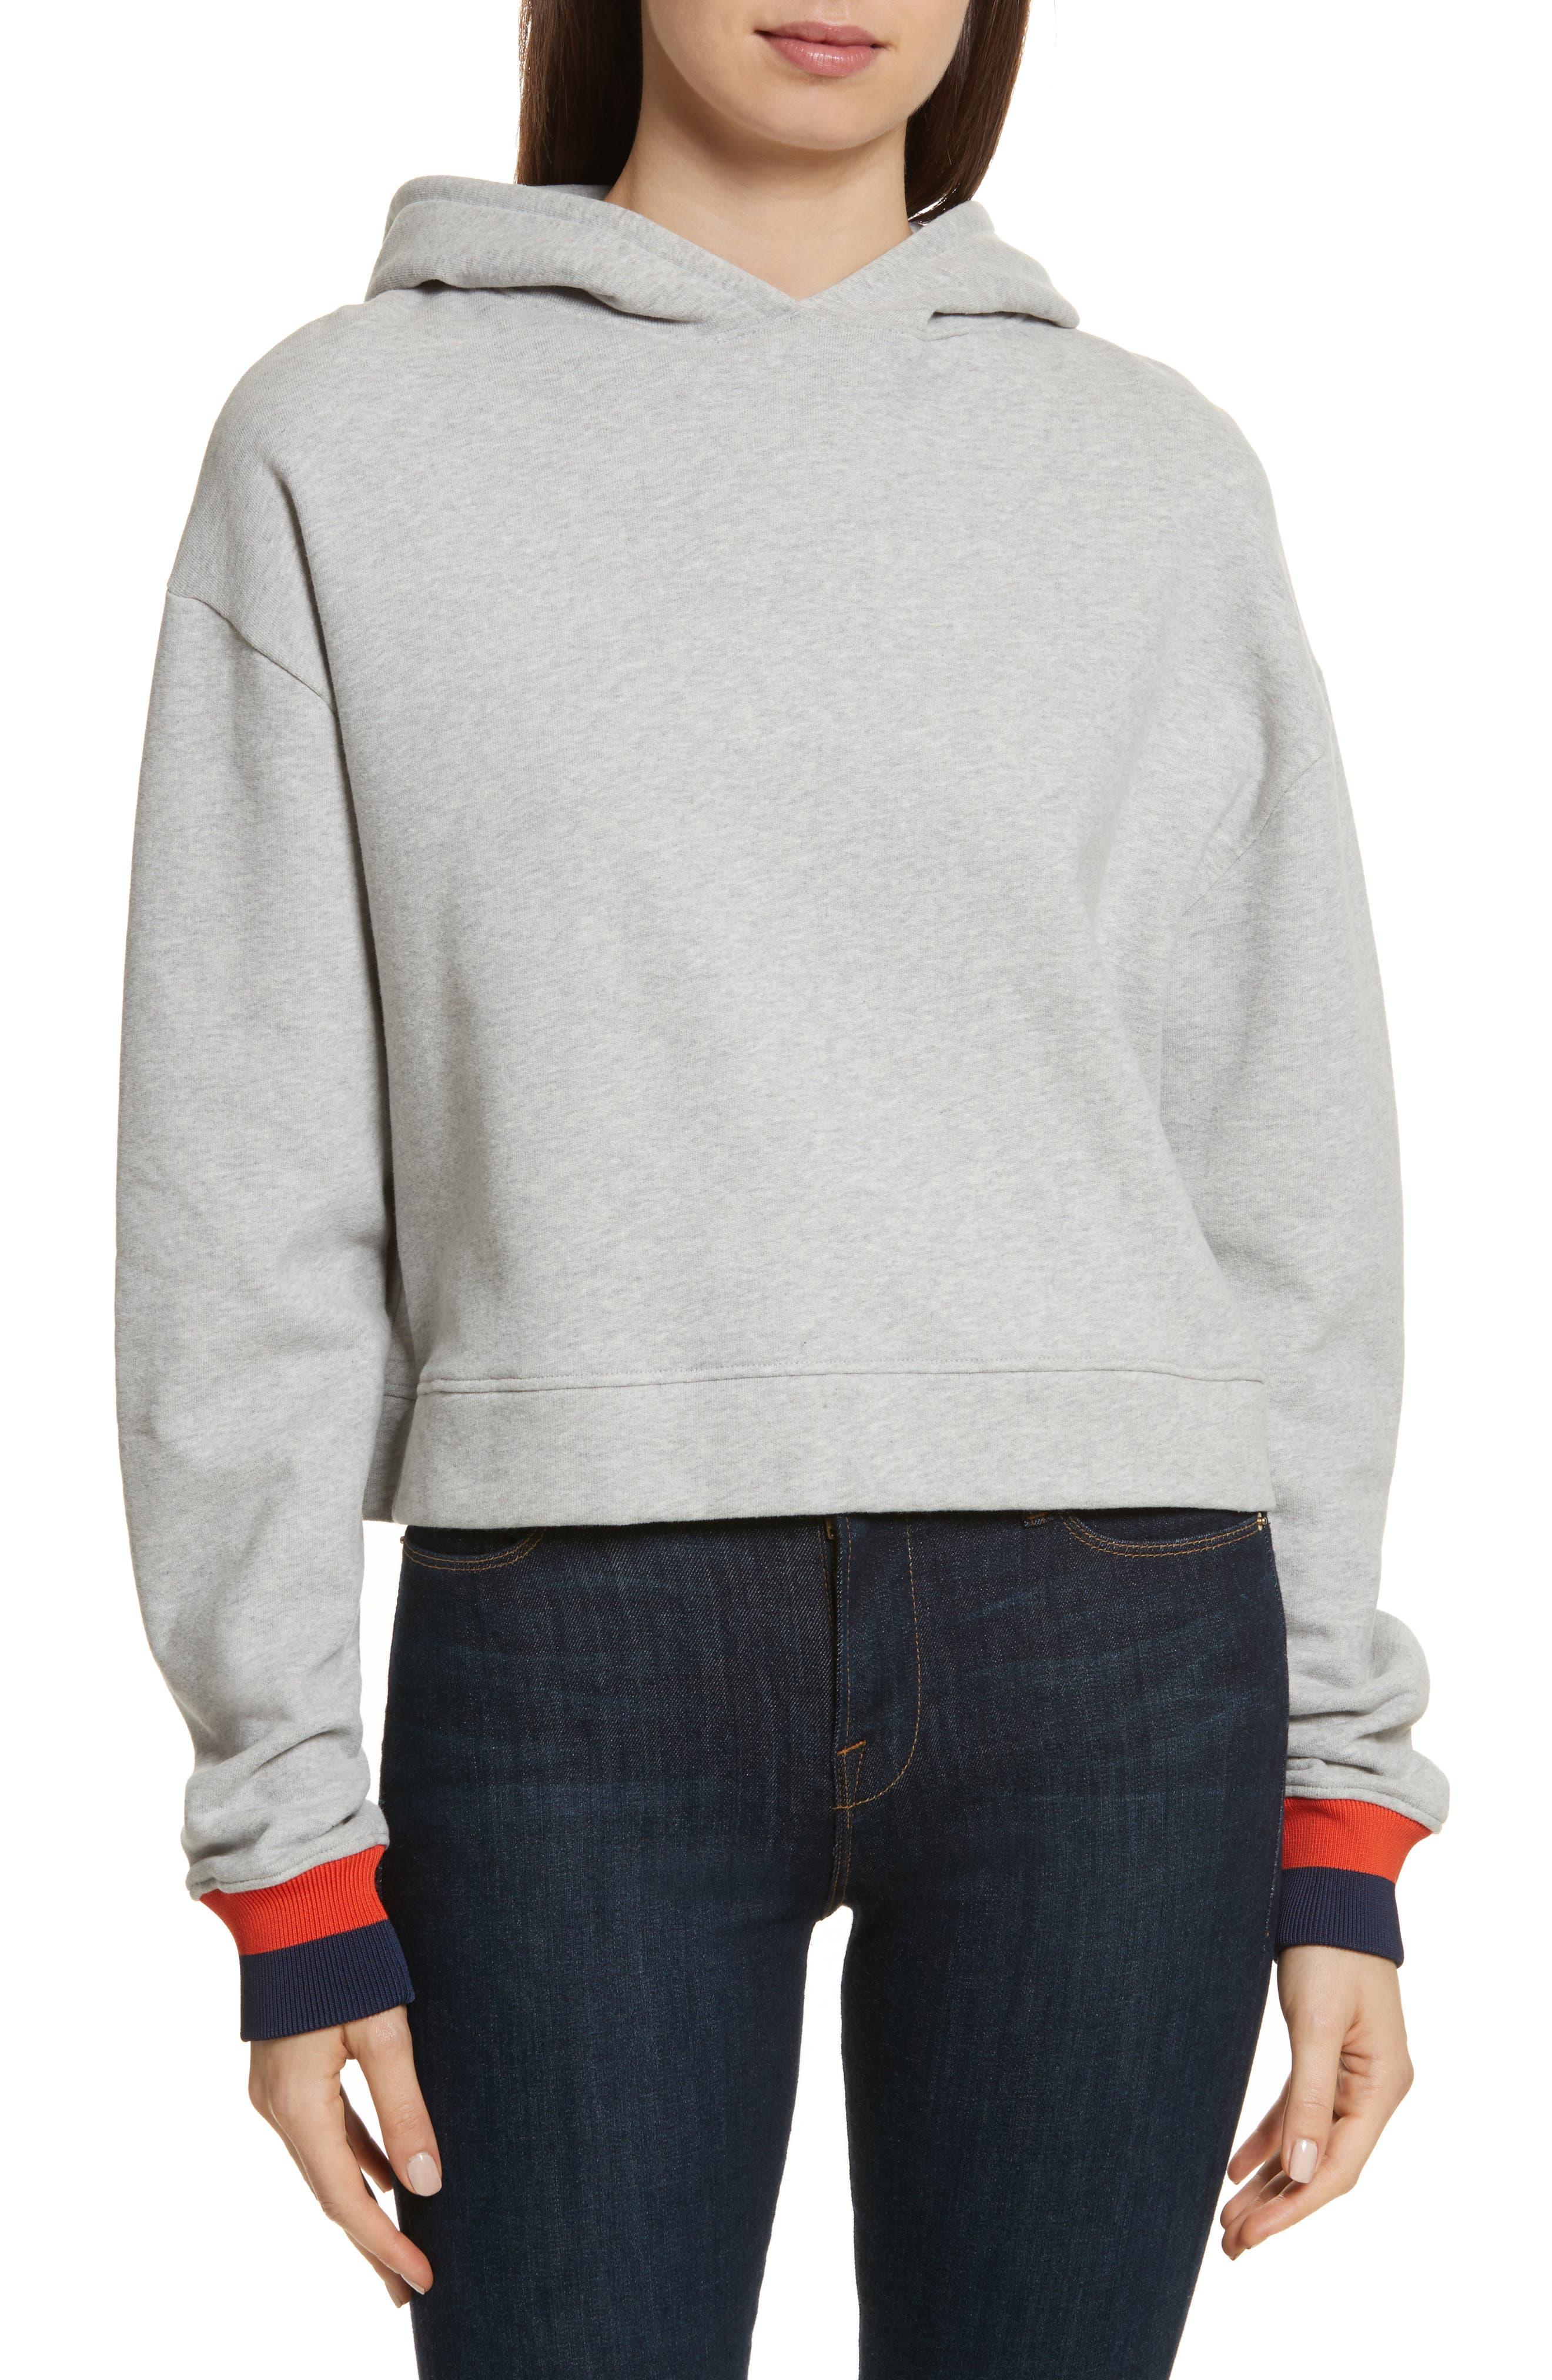 Alternate Image 1 Selected - Kule The Crosby Hooded Sweatshirt